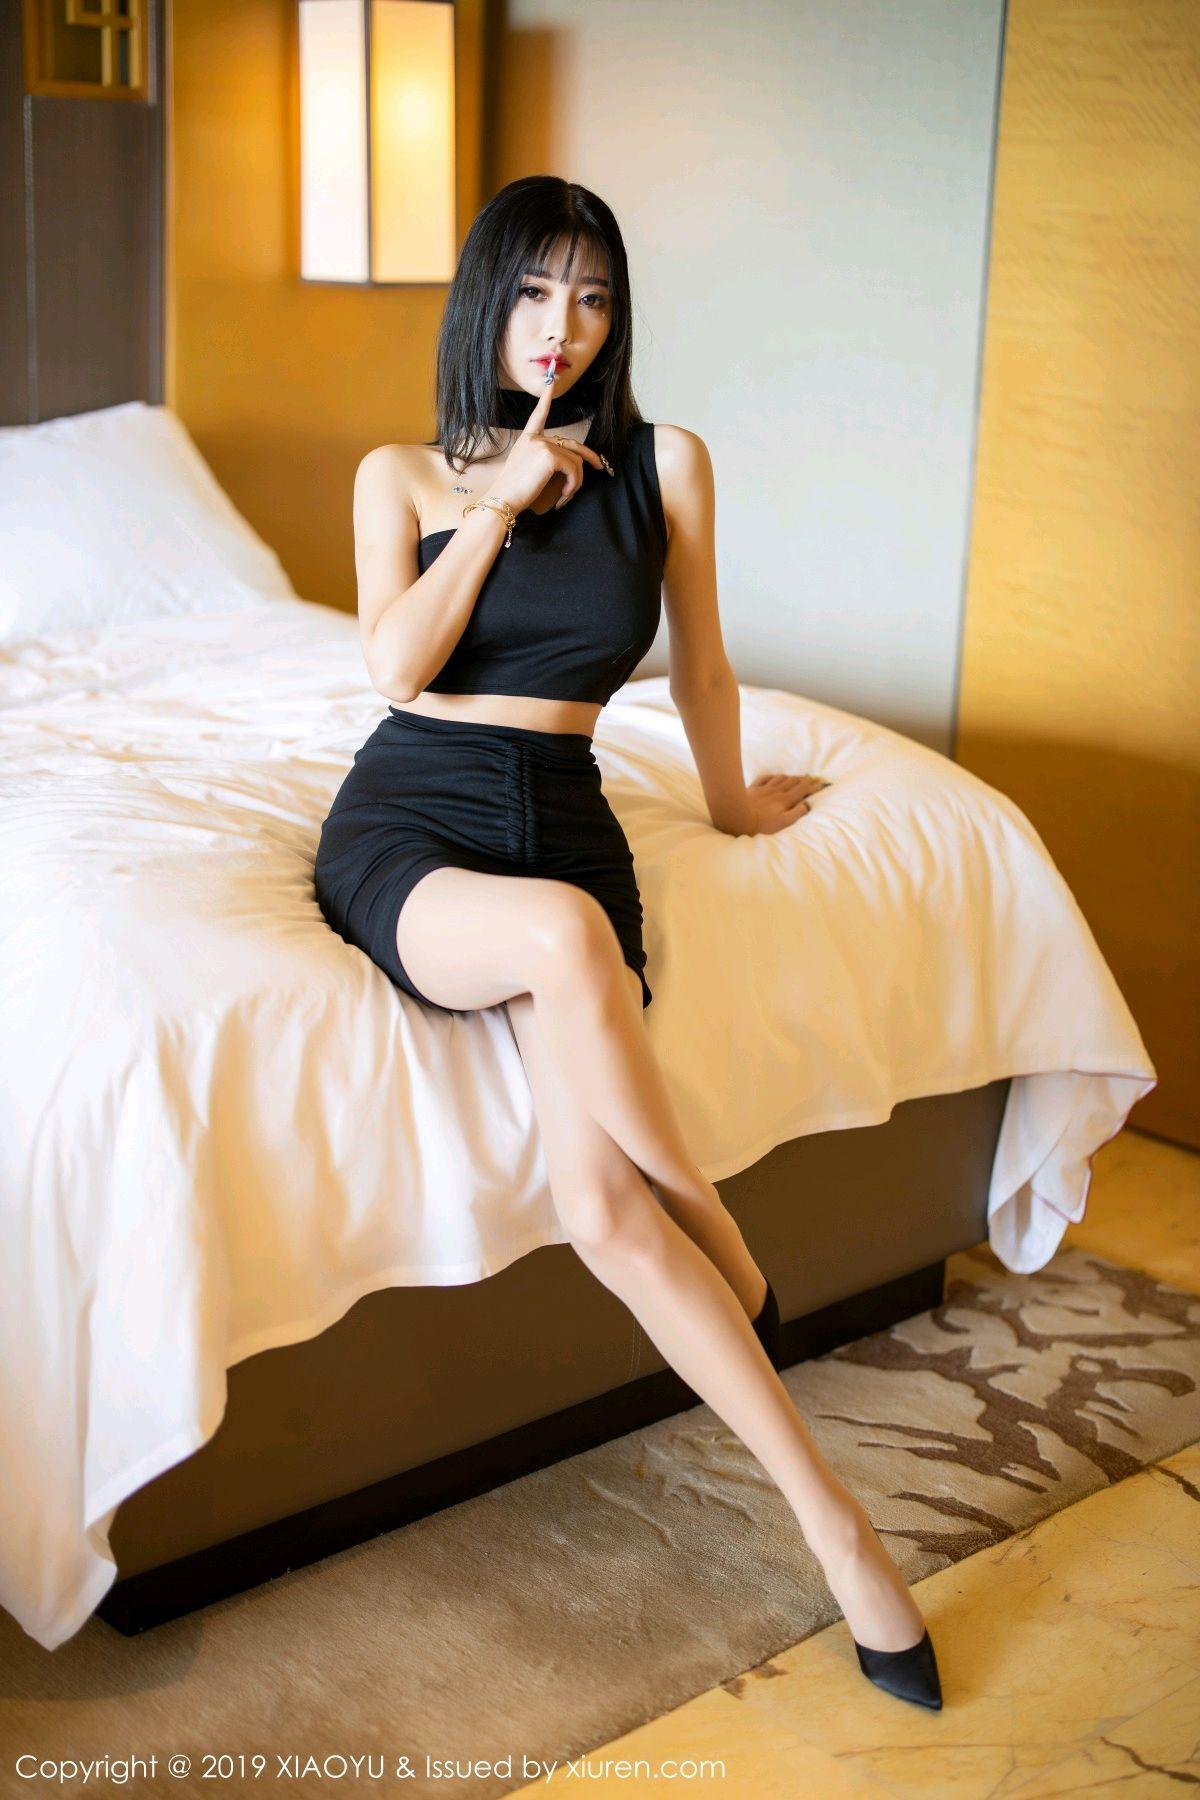 [XiaoYu] Vol.134 Yang Chen Chen 1P, Tall, Underwear, XiaoYu, Yang Chen Chen